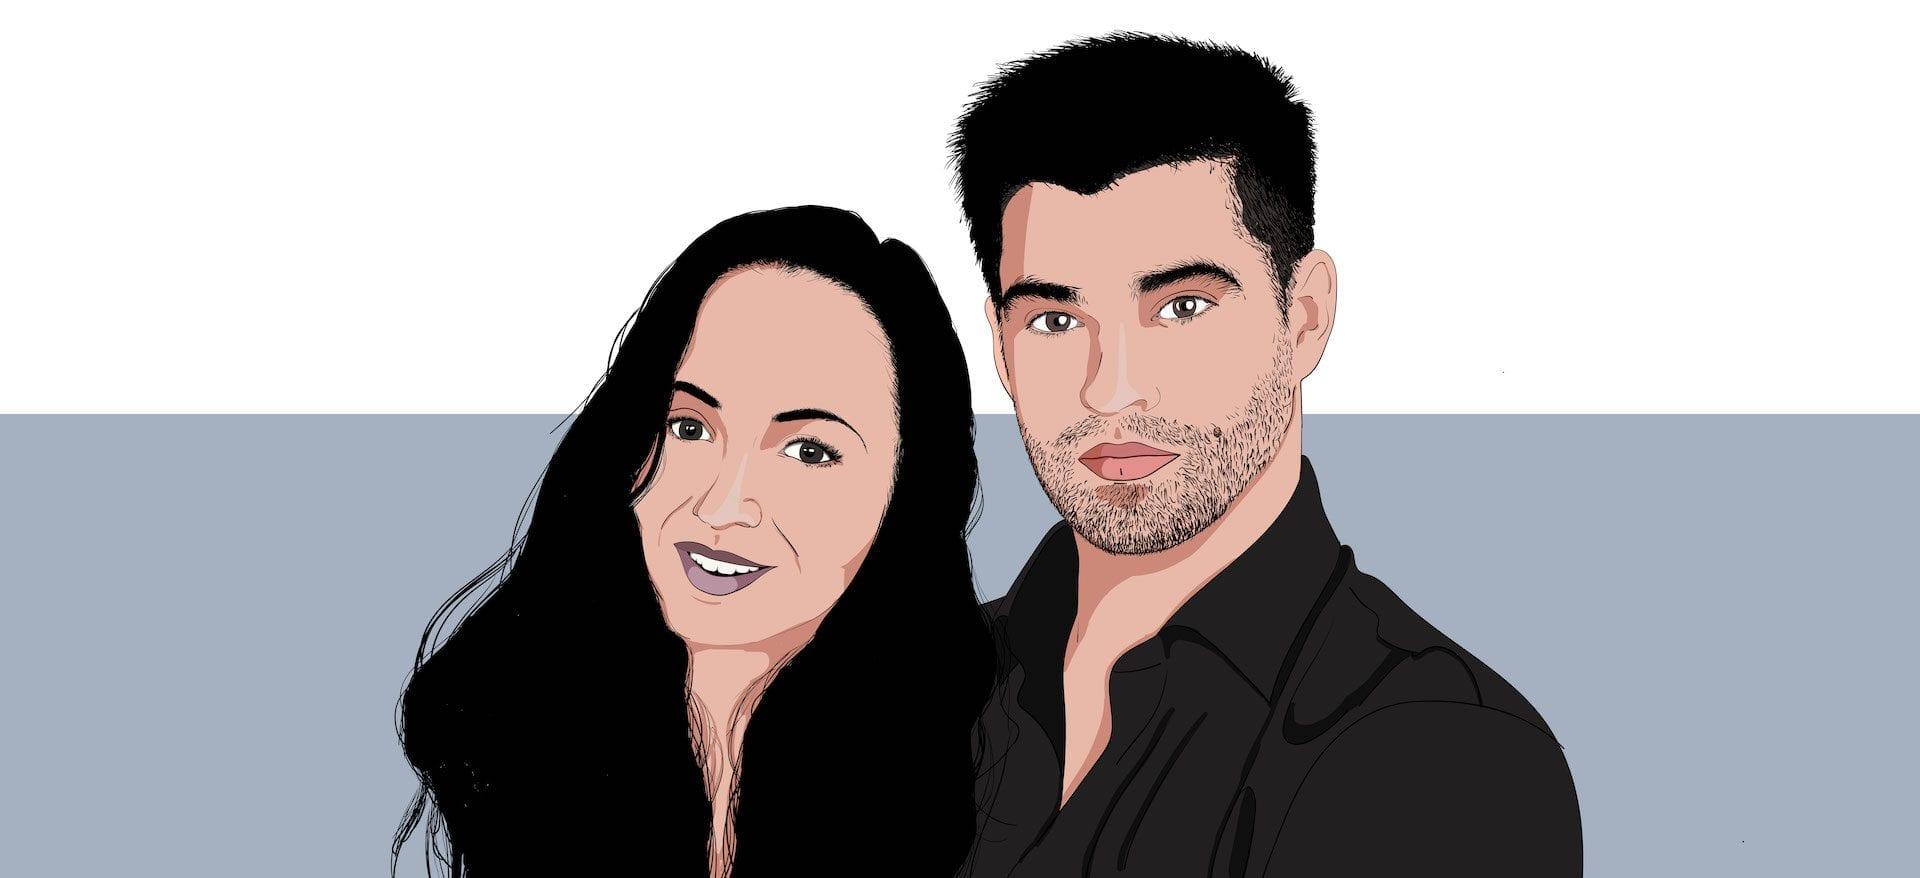 minuteman Team Grafikdesignerin und Webdesigner aus Villach - Monika Bakula und Philipp Wernig als Illustration Comic Portrait